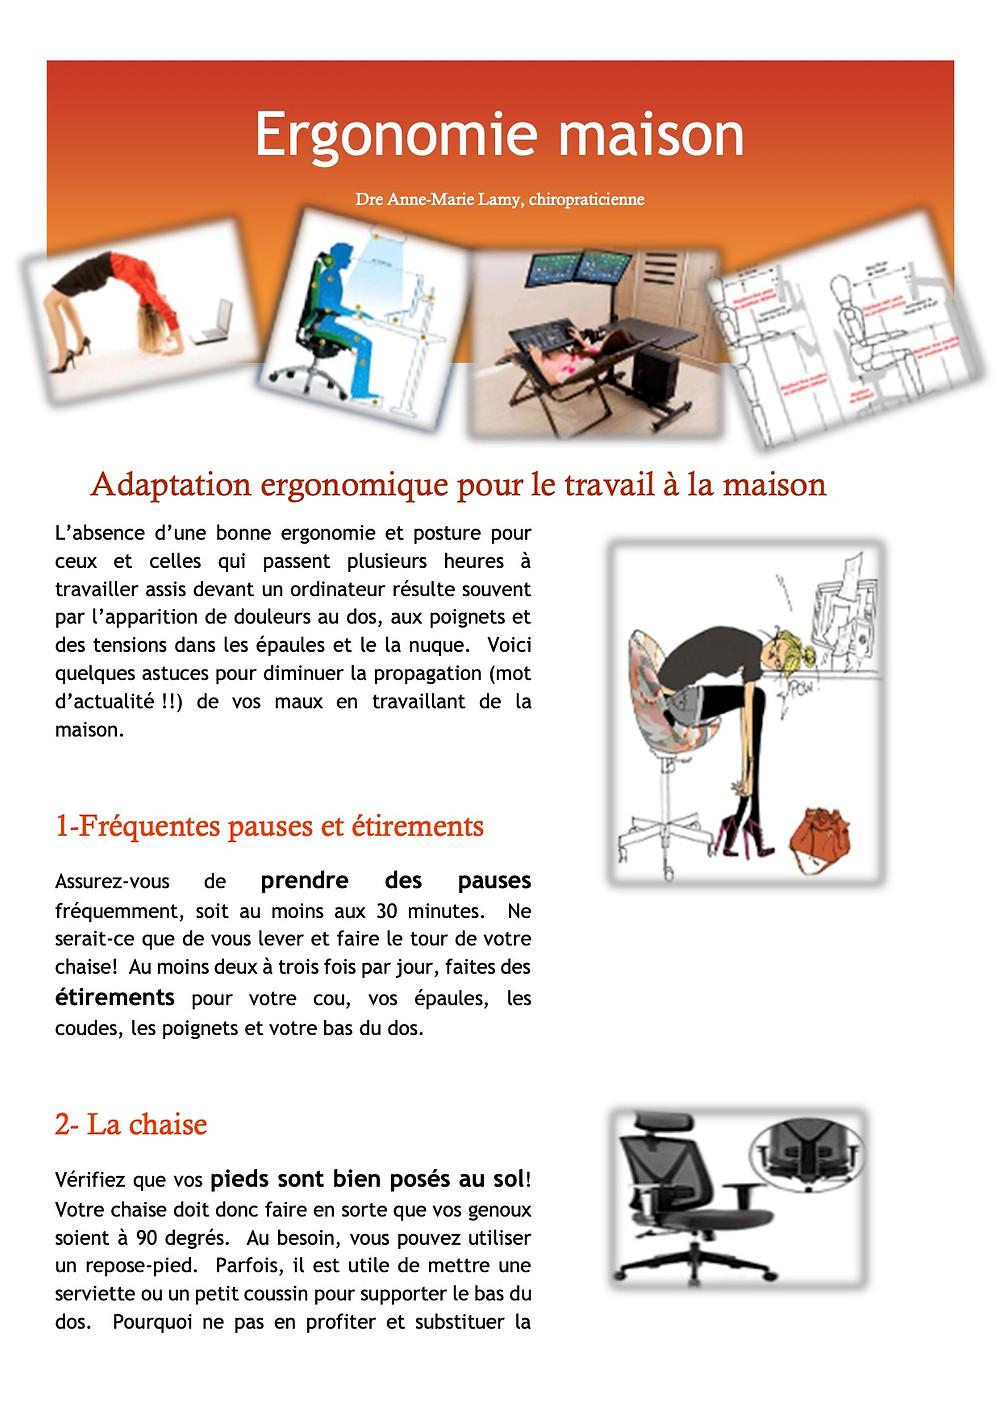 Afin de mieux s'adapter à cette situation particulière, voici quelques astuces pour ajuster votre station de travail maison.